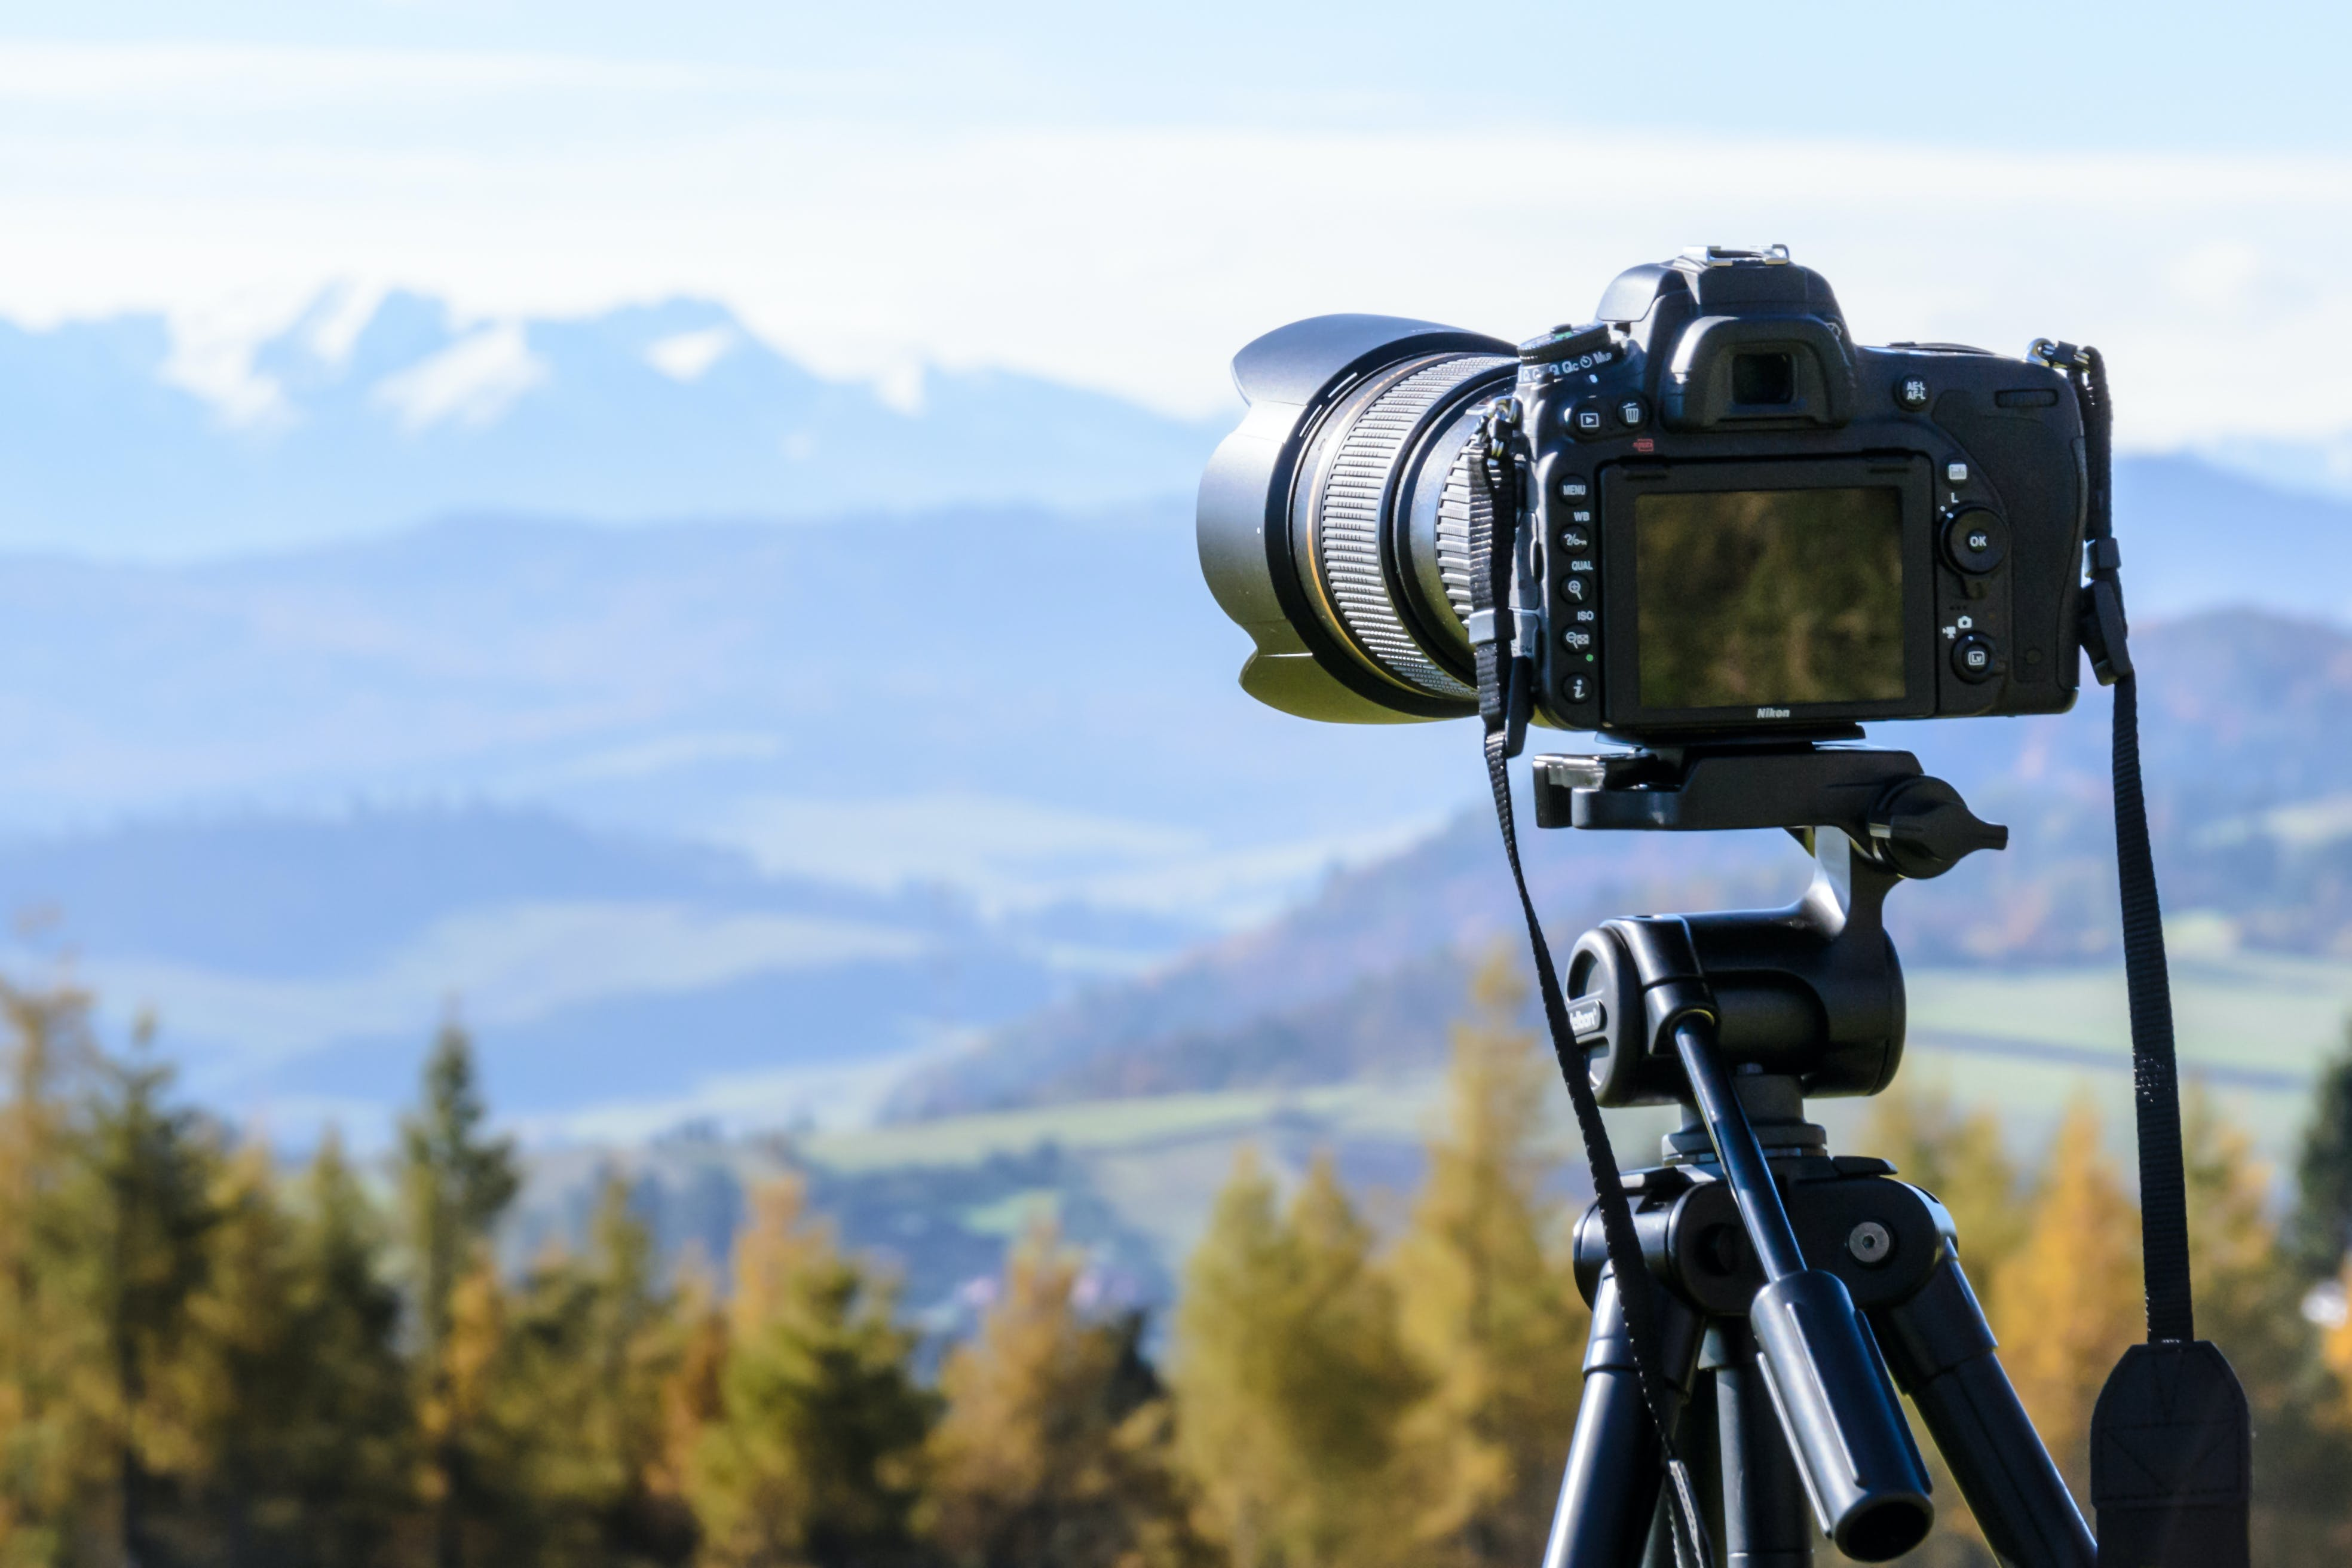 Black Dslr Camera Mounted on Black Tripod